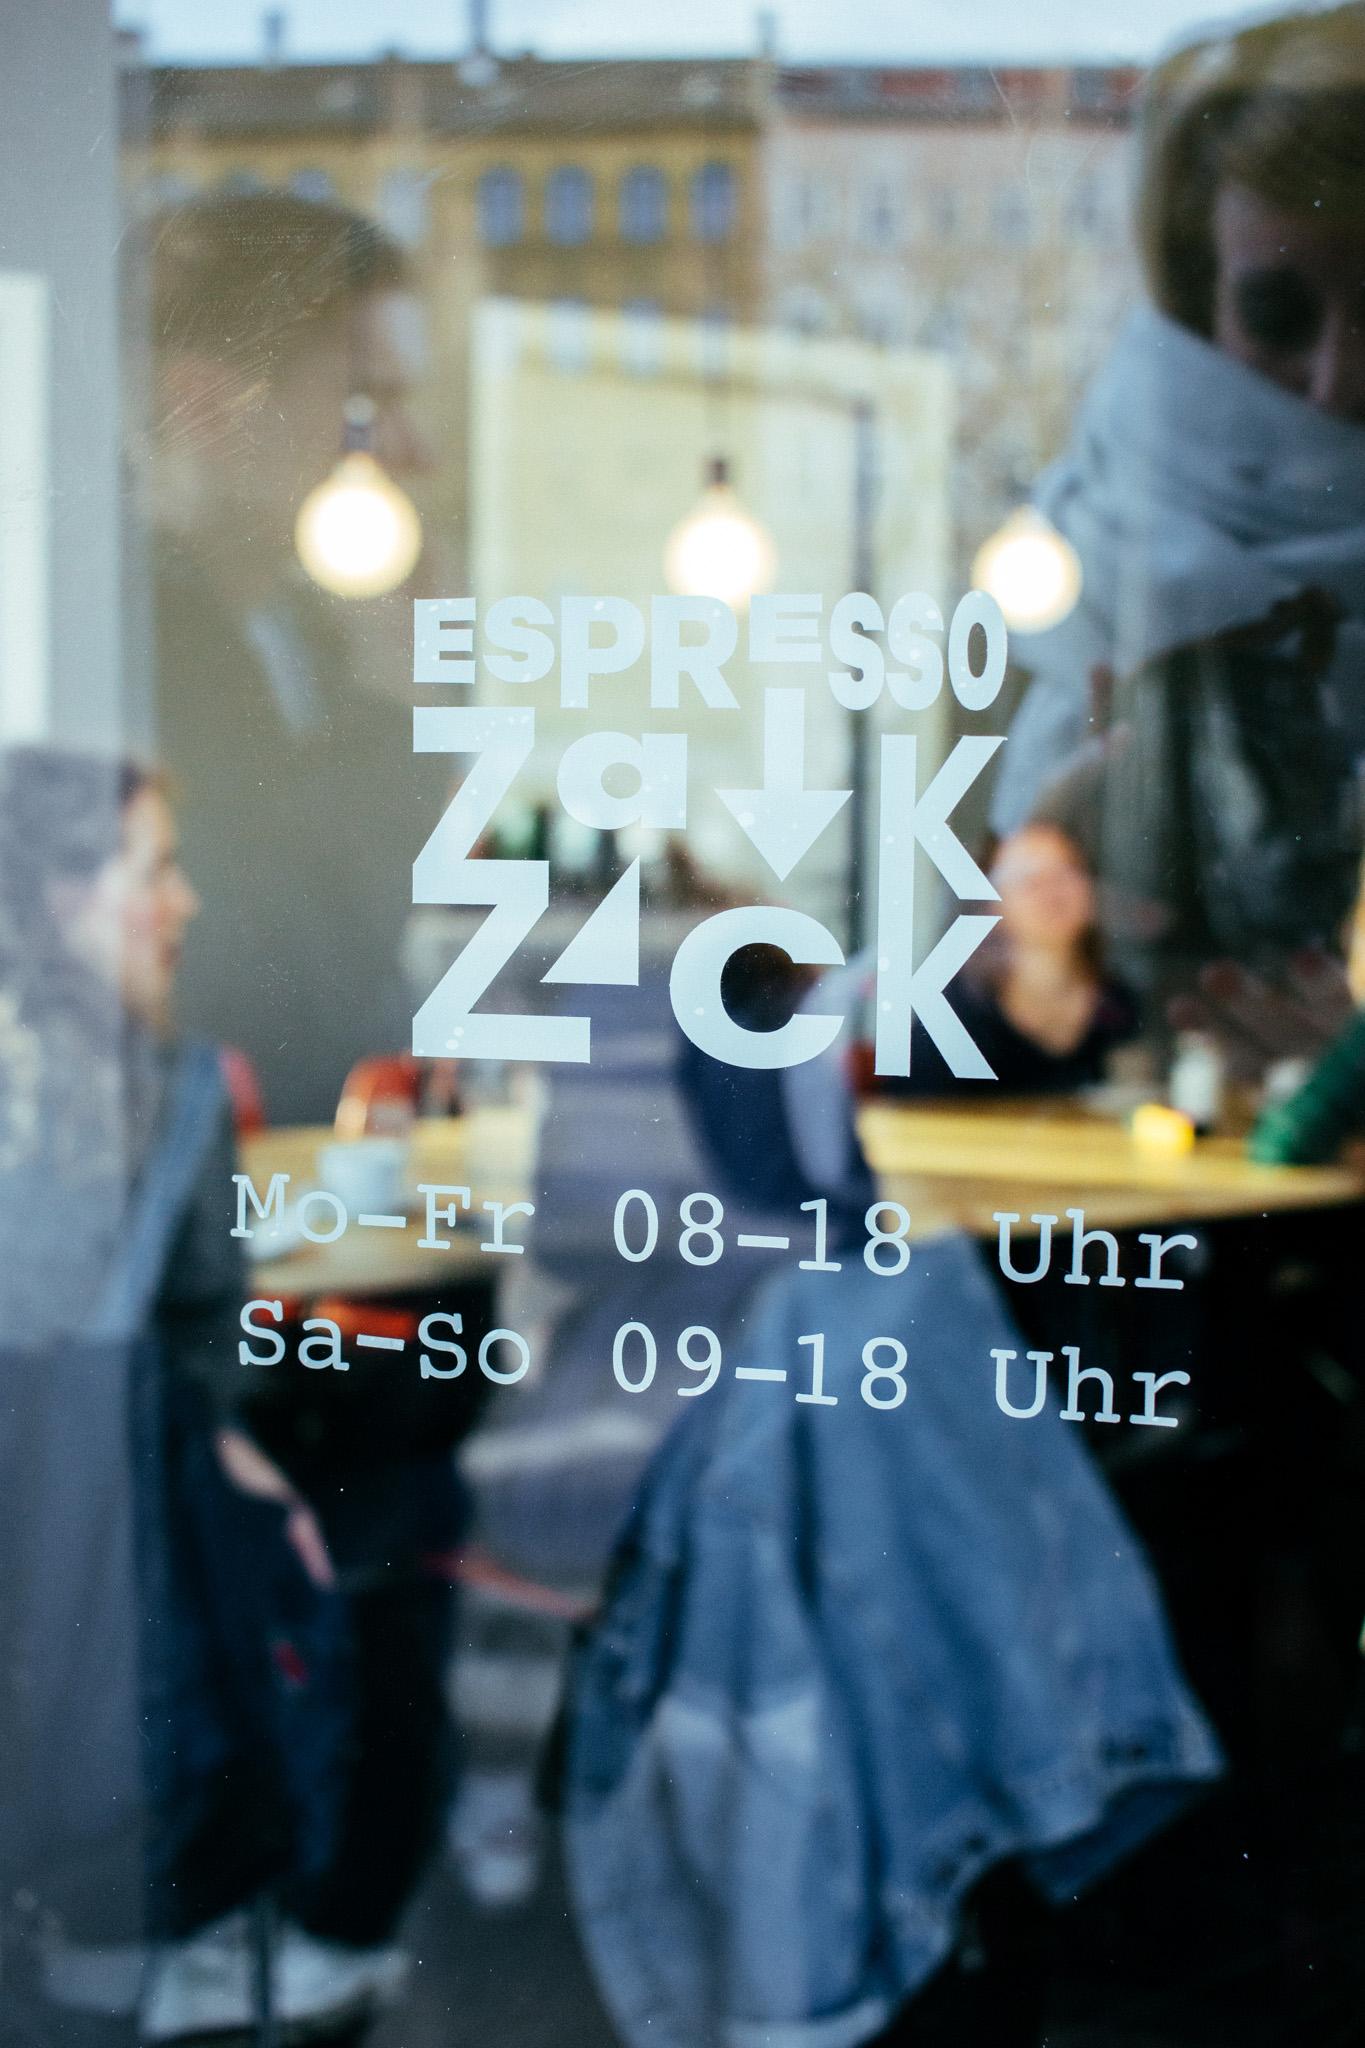 krudebude_espressozackzack_schoenefeld_leipzig-1786